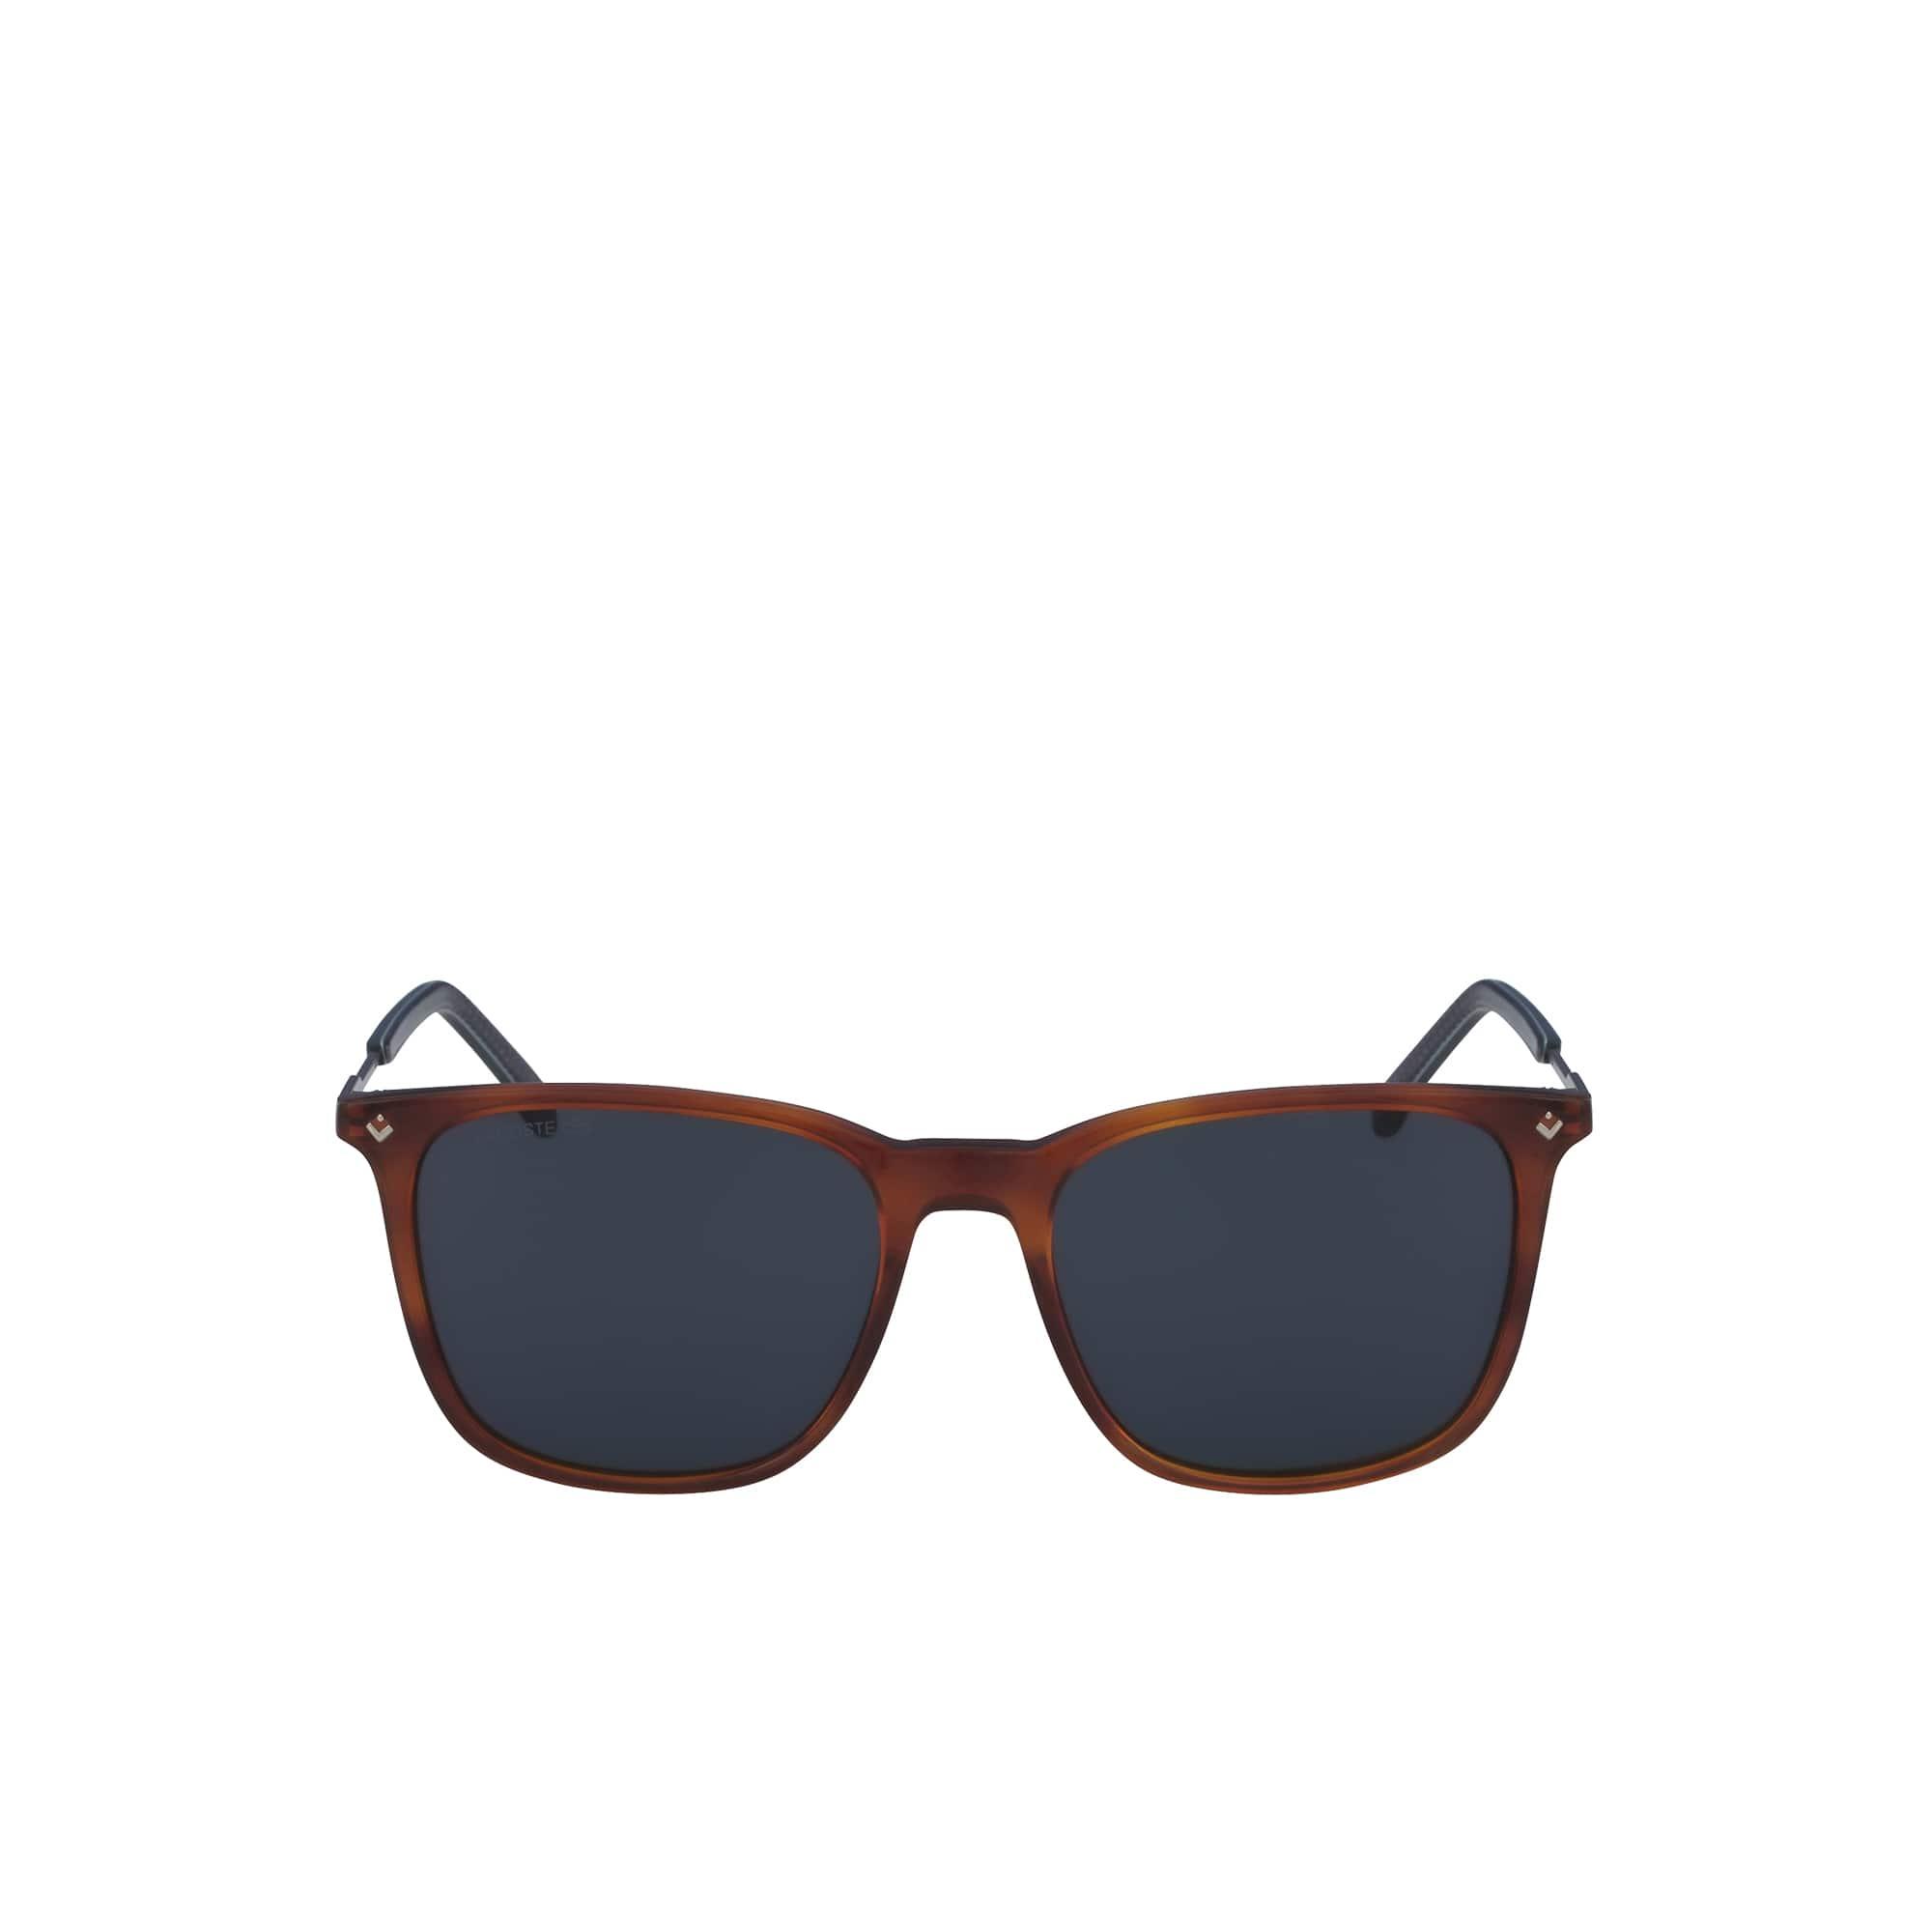 Óculos de sol de homem Petit Piqué com armação de acetato/metal